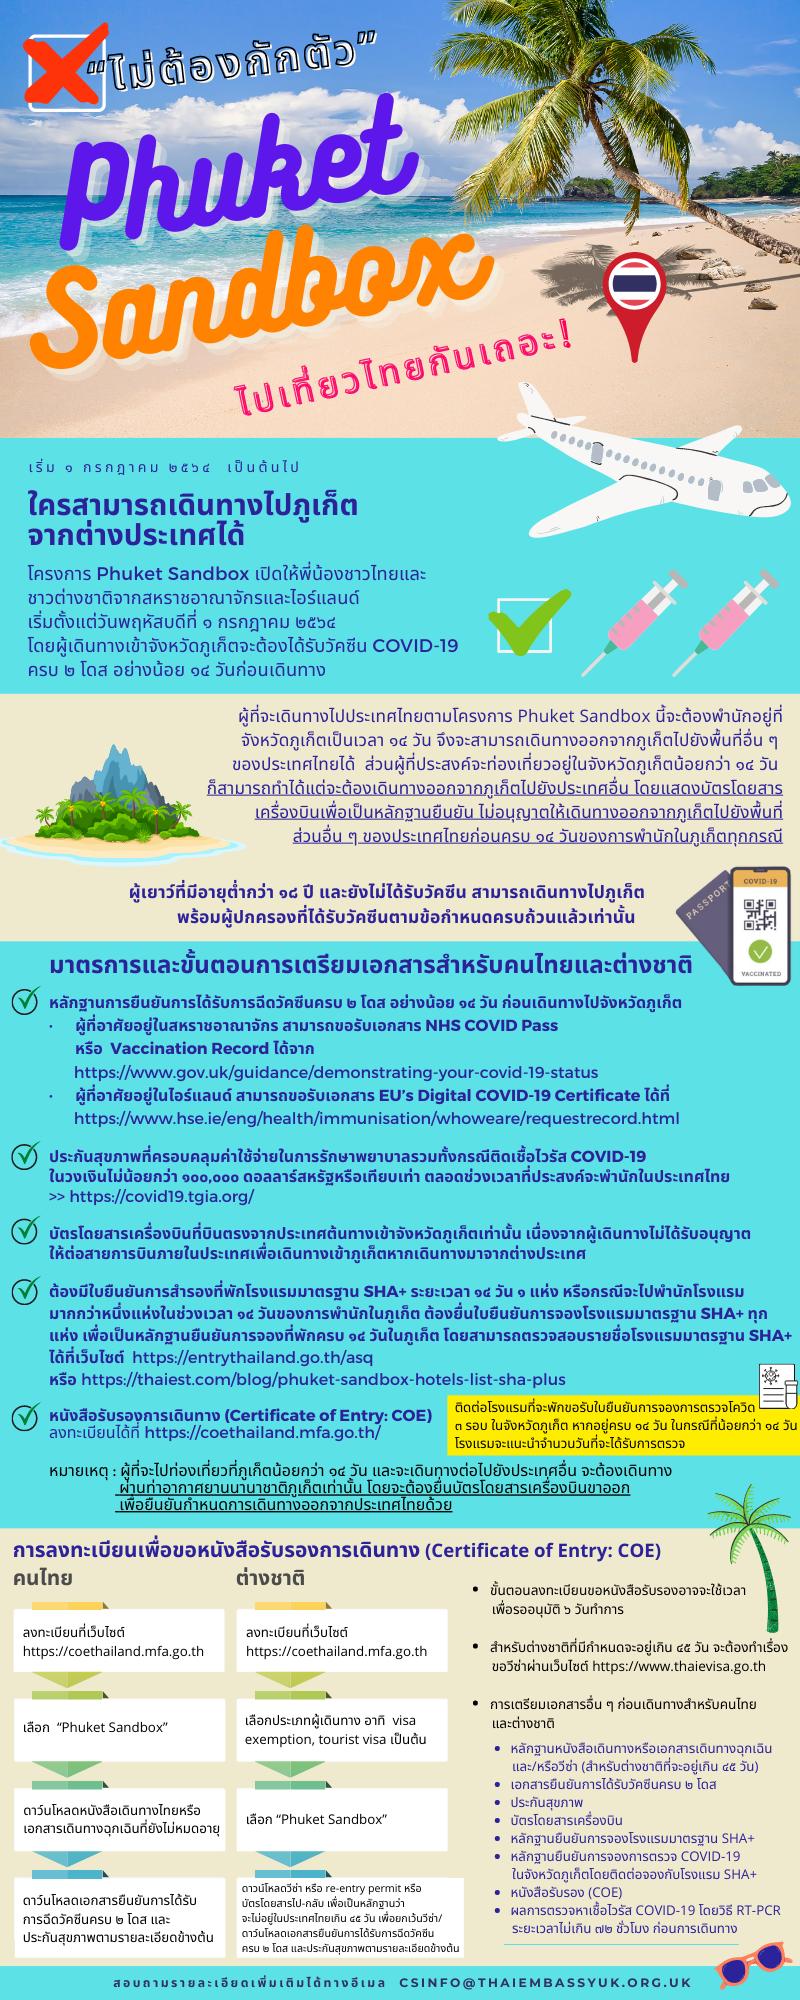 Phuket_Sandbox_(1)